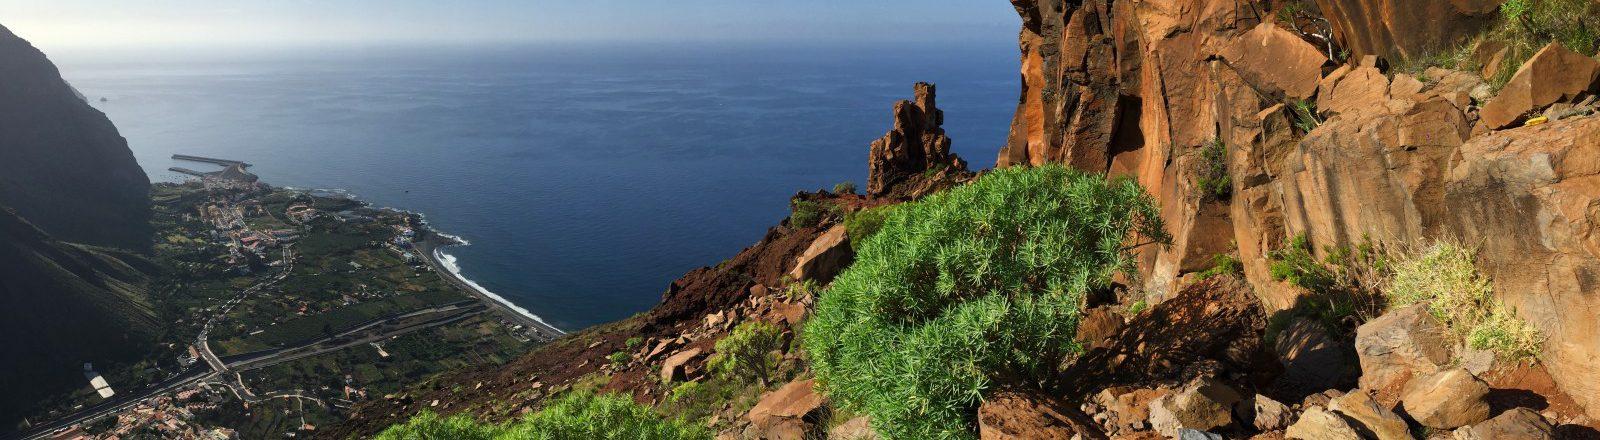 grandioser Ausblick beim Aufstieg aus dem Valle Gran Rey